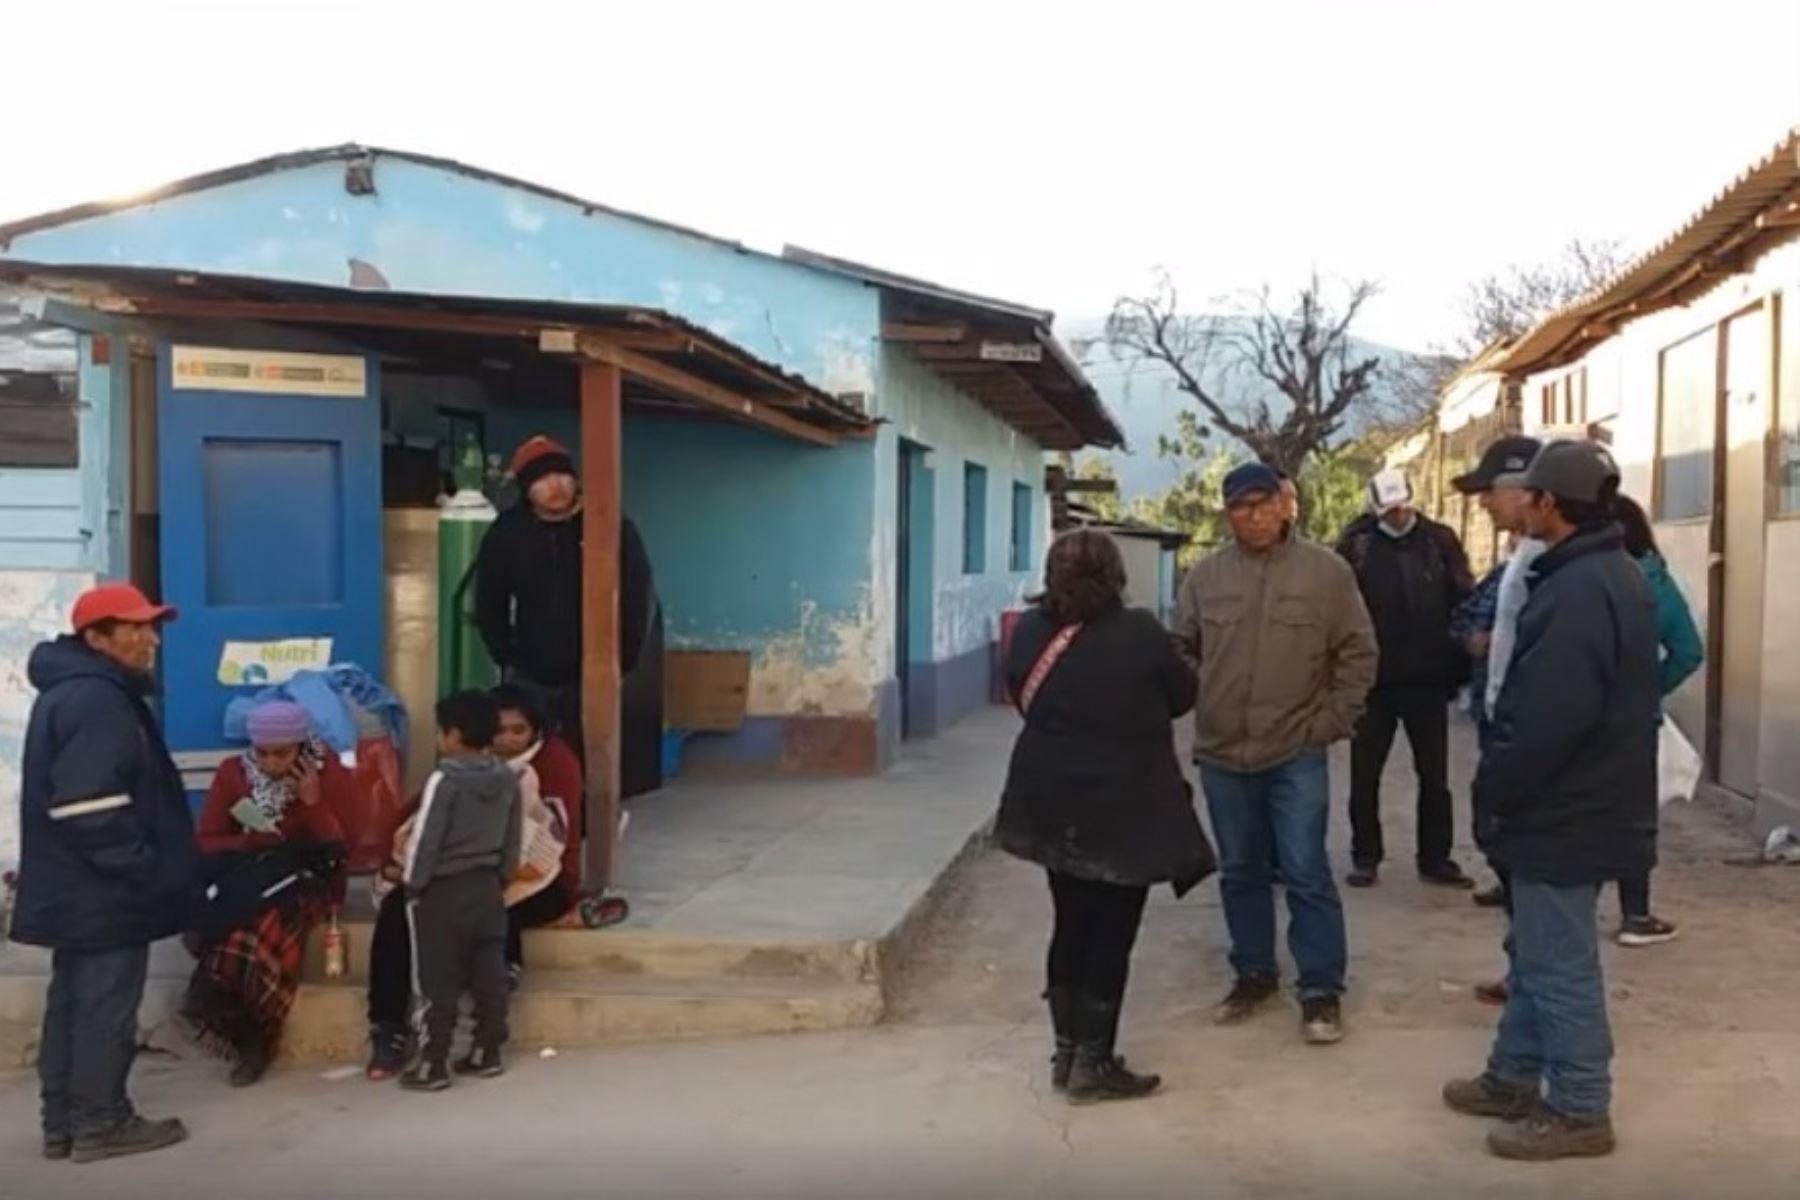 Hospital de Pauza, provincia de Páucar del Sara Sara, en Ayacucho. Foto captura: Radio Pauza en la noticia/Facebook